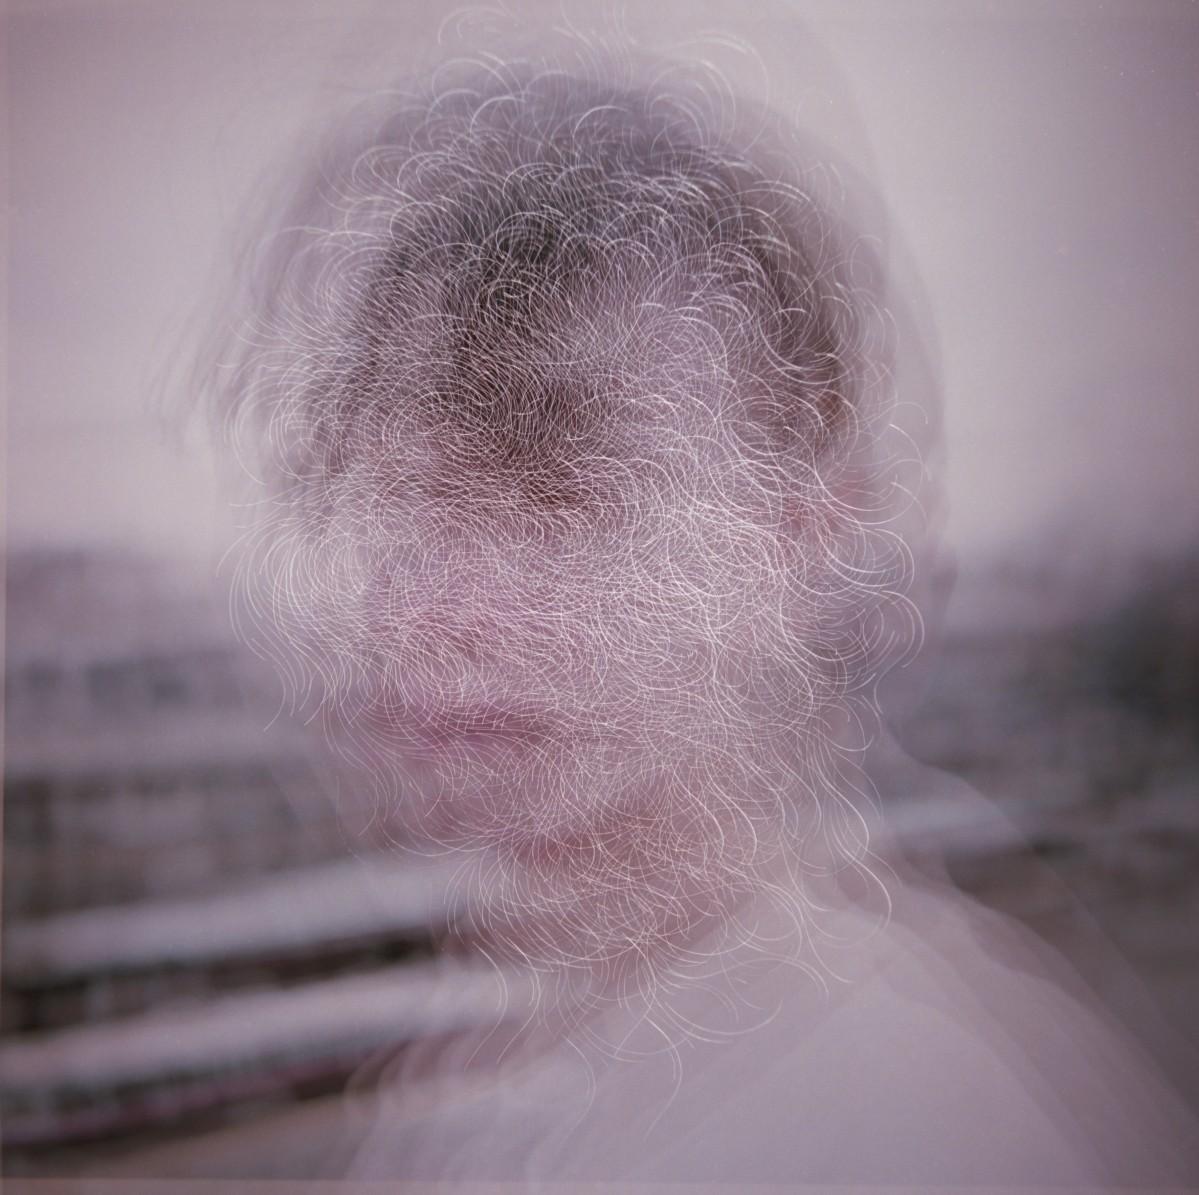 写真家・澄毅さんの写真展「halo」展示作品から「pont neuf 1」